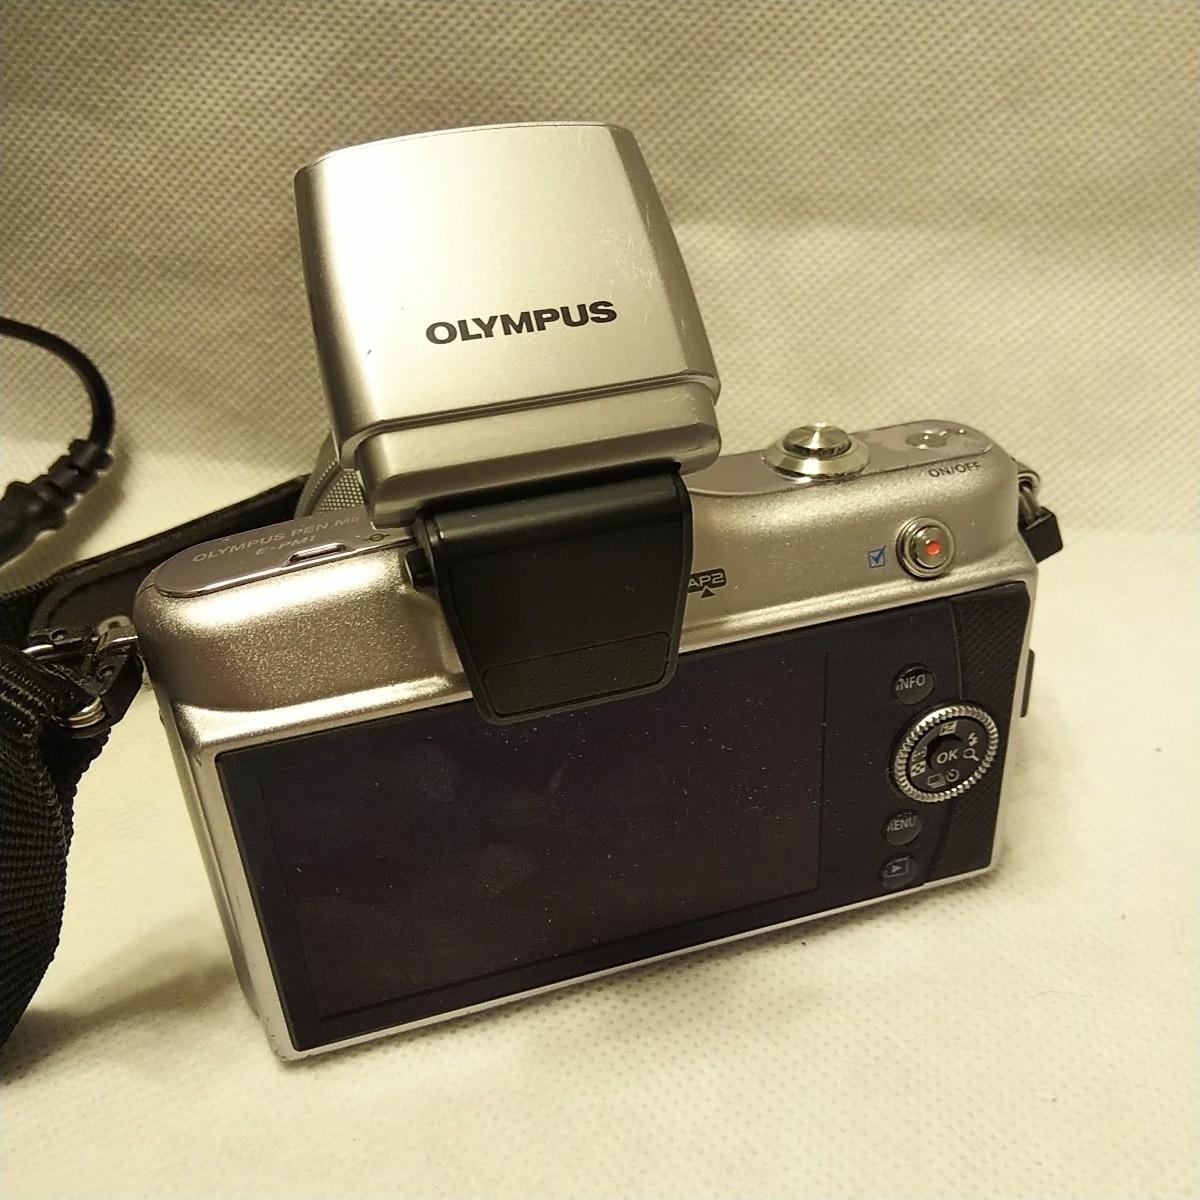 オリンパス E-PM1 デジタル一眼 レンズ フラッシュ付き FL-LM1 M.ZUIKO 14-42mm 1:3.5-5.6 π37mm ズームレンズキット YOKO-63 完動品 美品_画像3